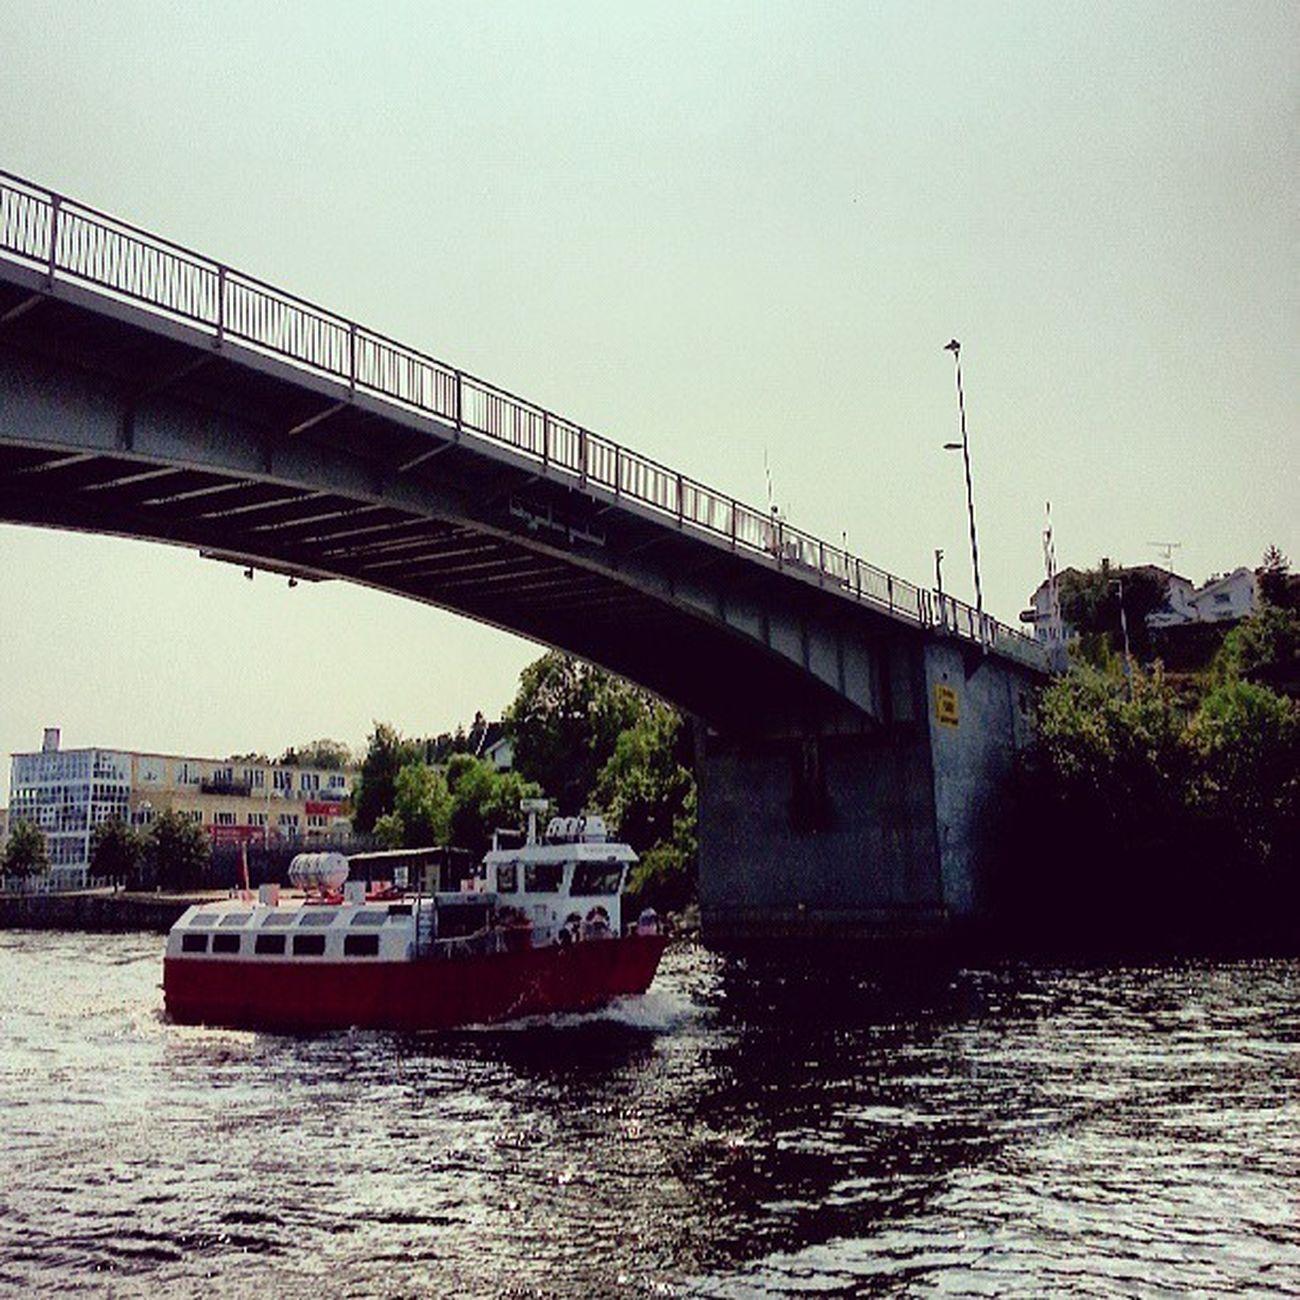 El ferry de Fredrikstad Ferry Fredrikstad Norge Noruega Norway City Ciudad River Río Puente Bridge UnderTheBridge Summer Verano Igers IgersOfTheDay BestOfTheDay